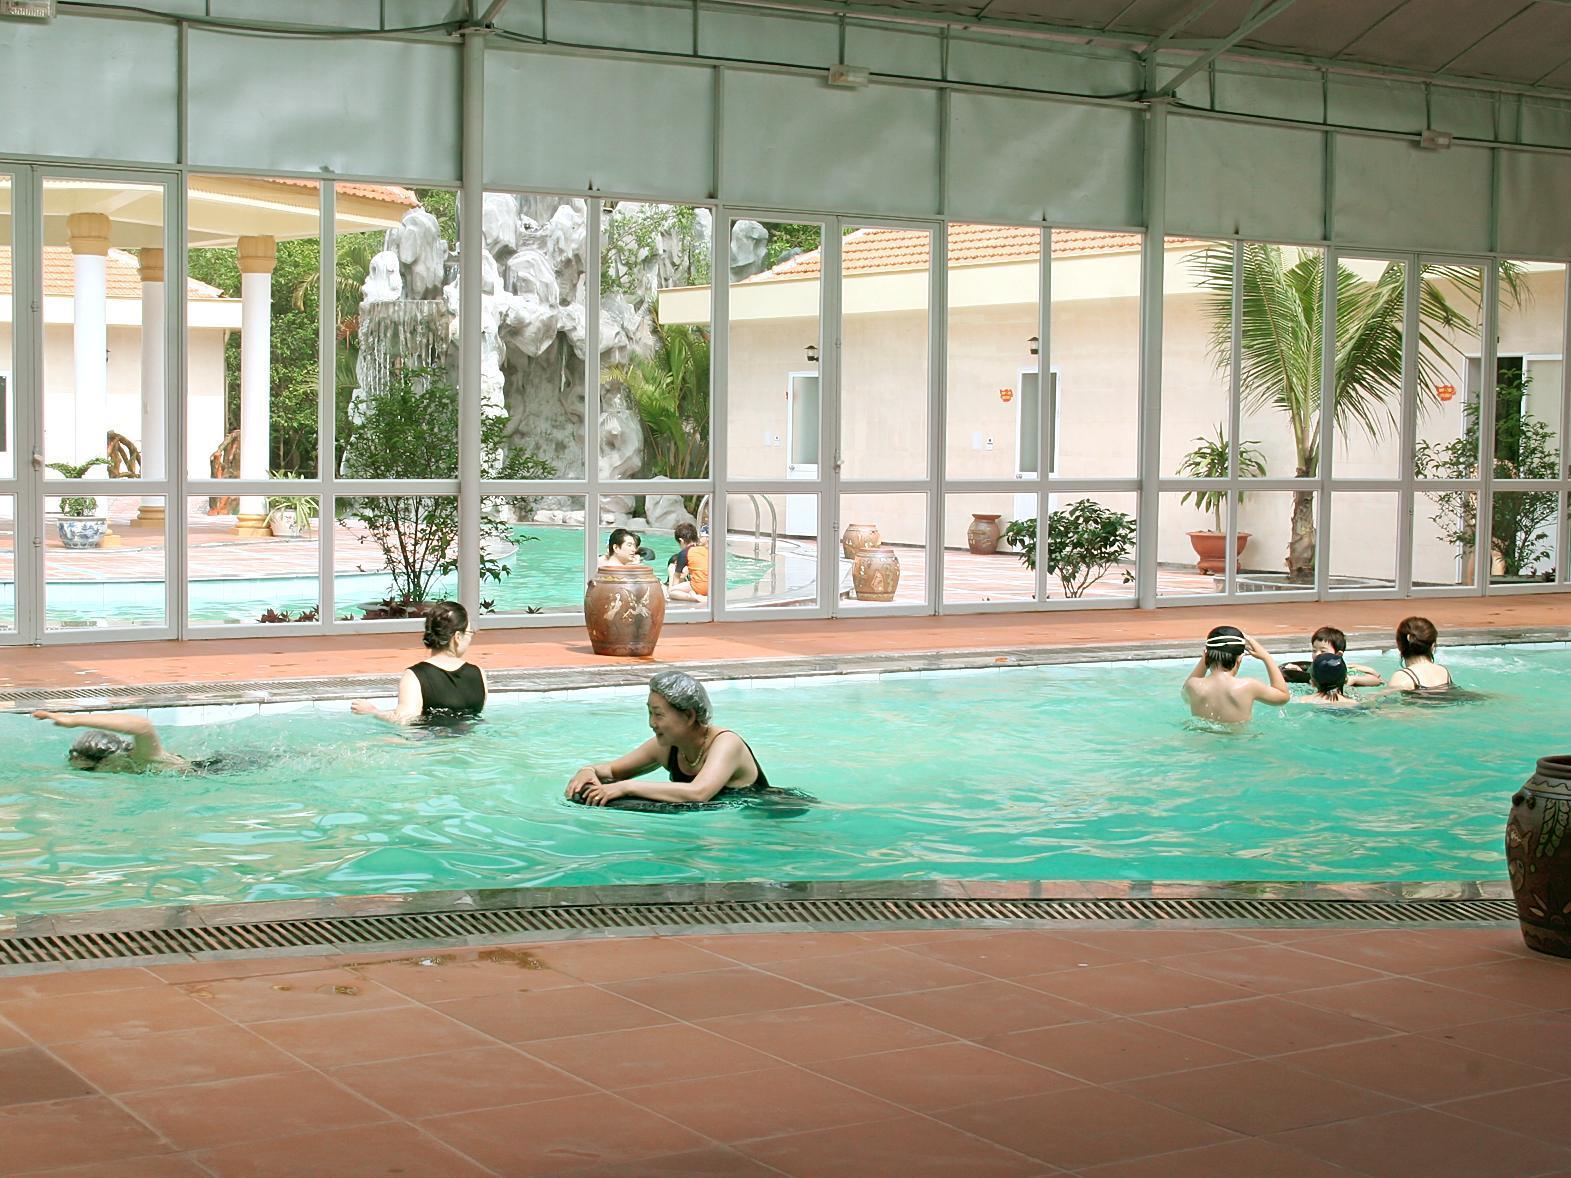 Ngoc Lan 2 Hotel - Tien Lang Spa Resort - Hotell och Boende i Vietnam , Haiphong